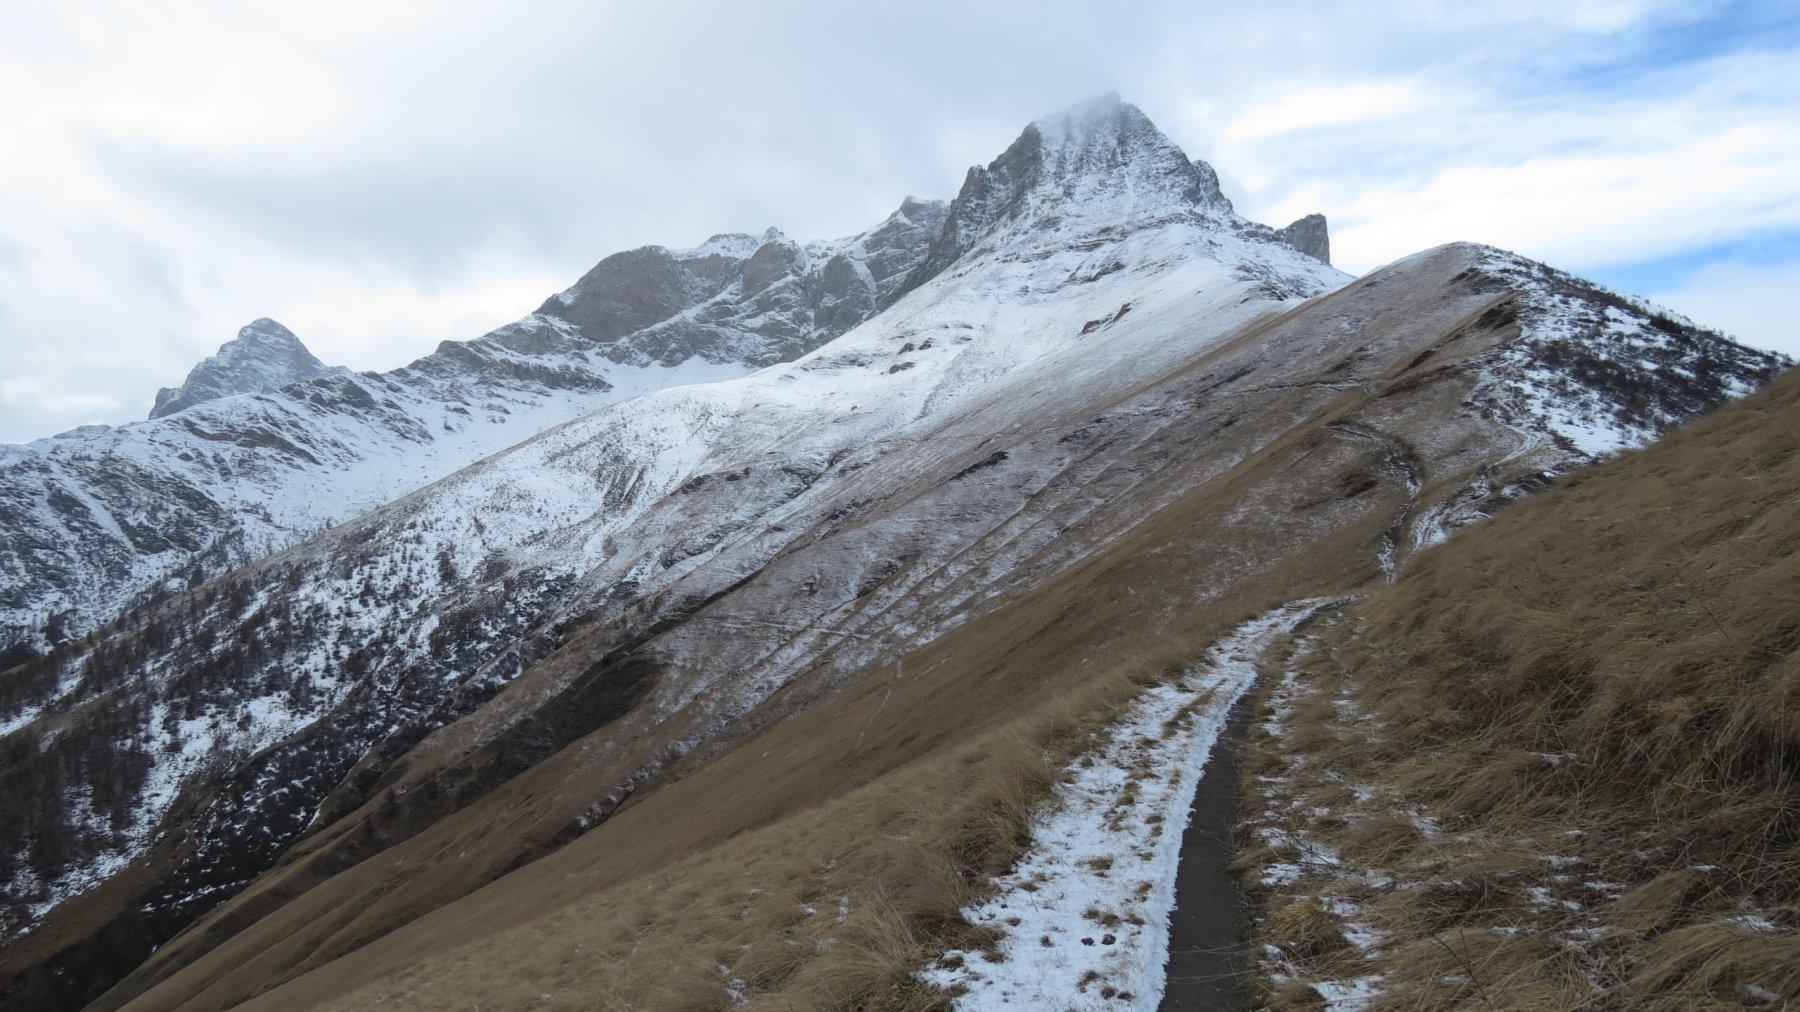 ultimo tratto prima di raggiungere il Colle della Bicocca (21-11-2015)